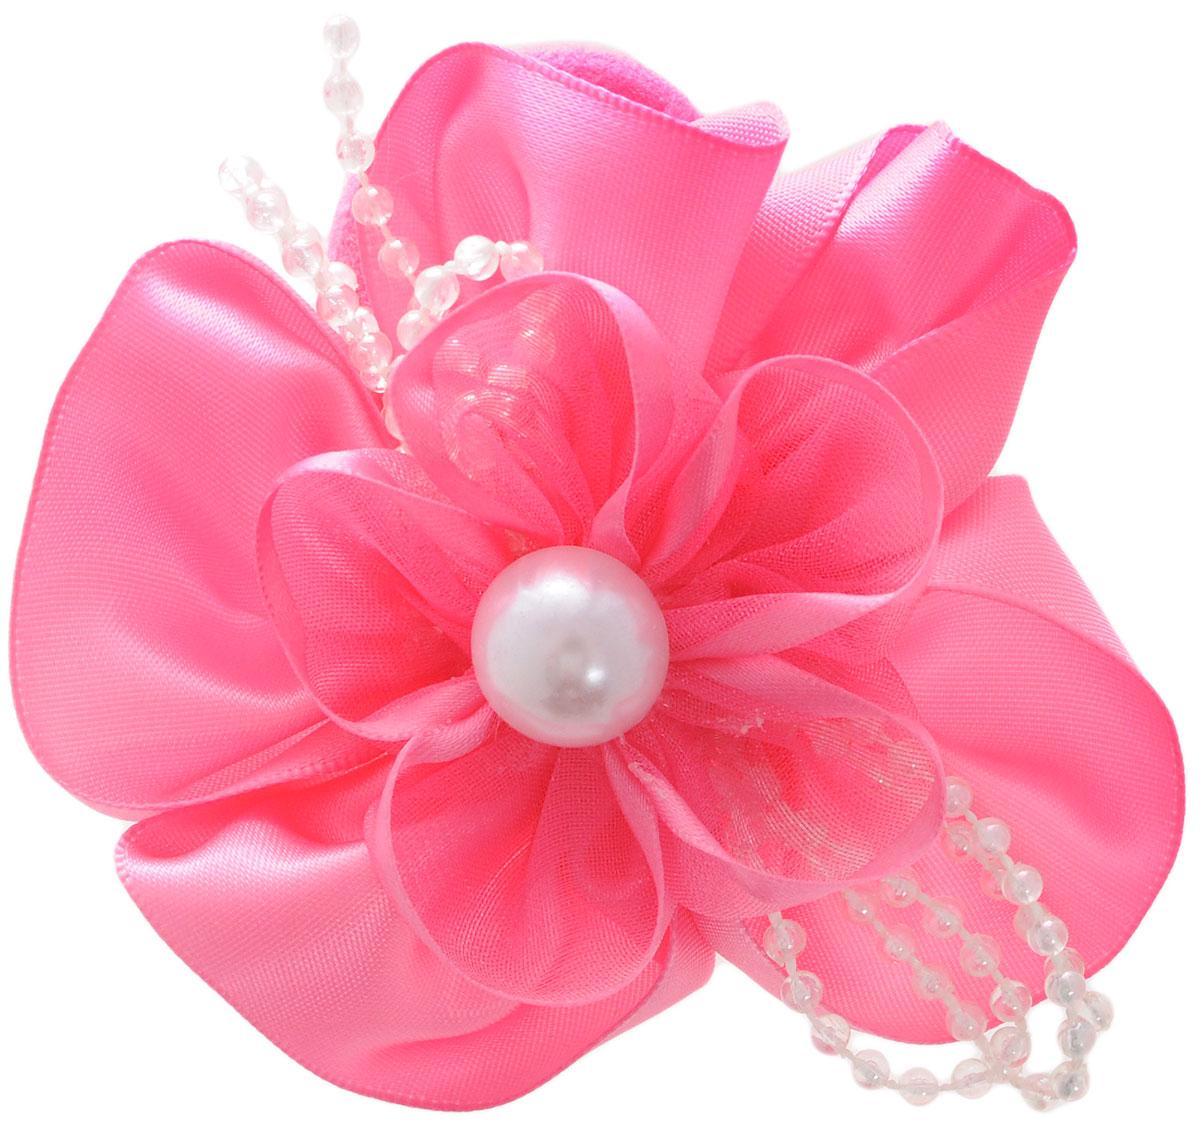 Babys Joy Резинка для волос цвет розовый MNZ 129MNZ 129_розовыйРезинка для волос Babys Joy выполнена из текстиля и декорирована бантом из атласной ленты с пластиковыми бусинками и большой бусиной в центре. Резинка позволит убрать непослушные волосы со лба и придаст образу немного романтичности и очарования.